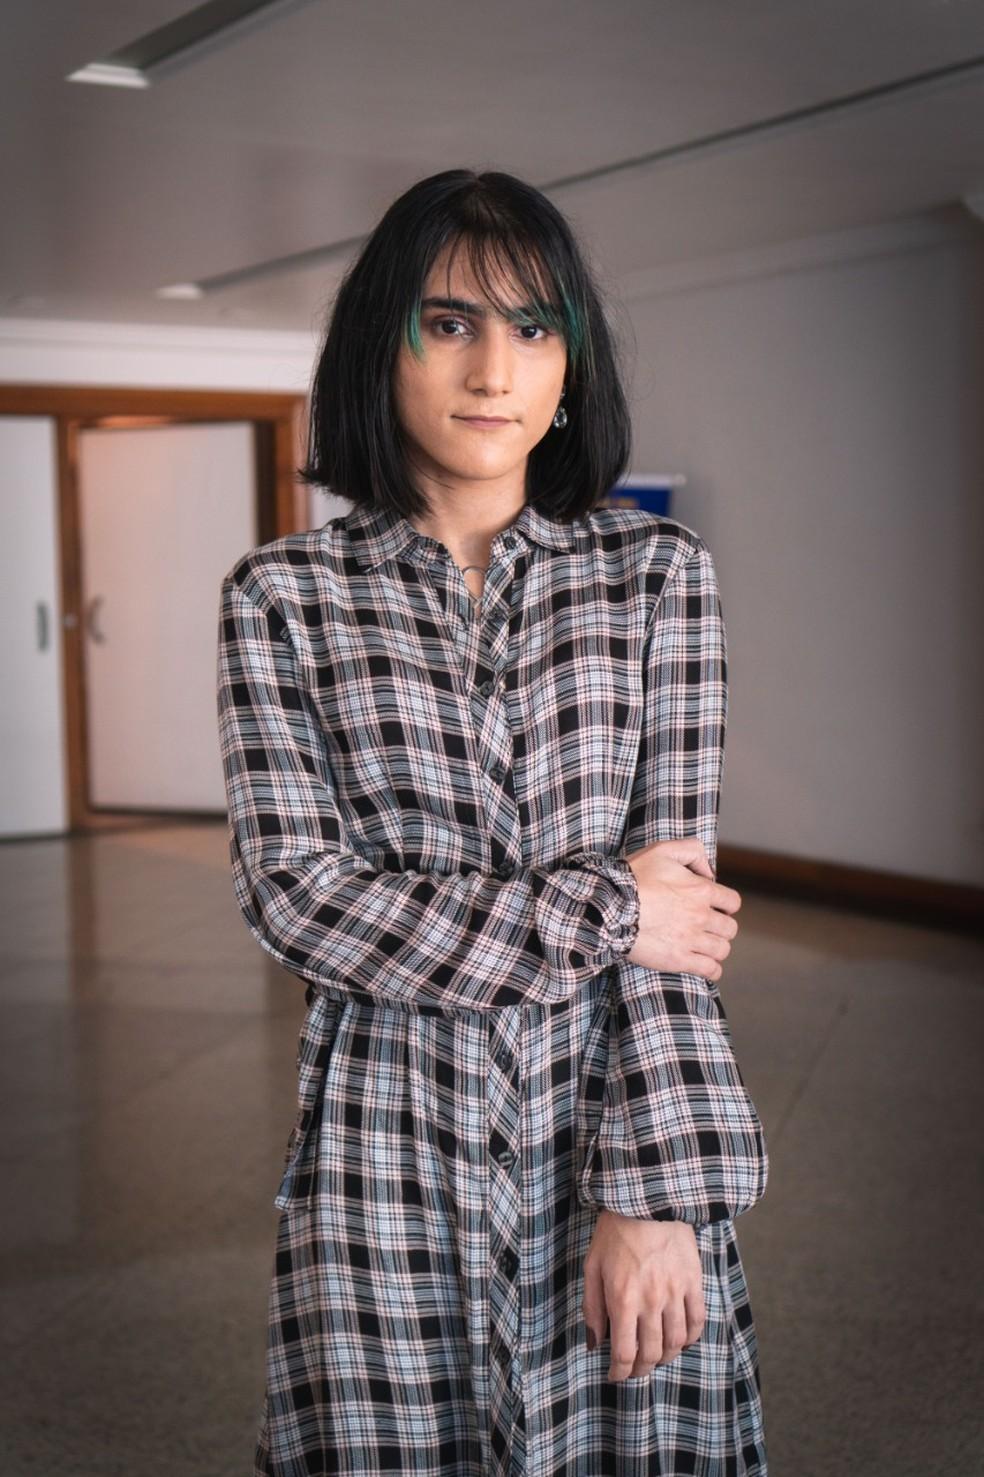 Bruna Tavares, estudante — Foto: Ivam Henriques